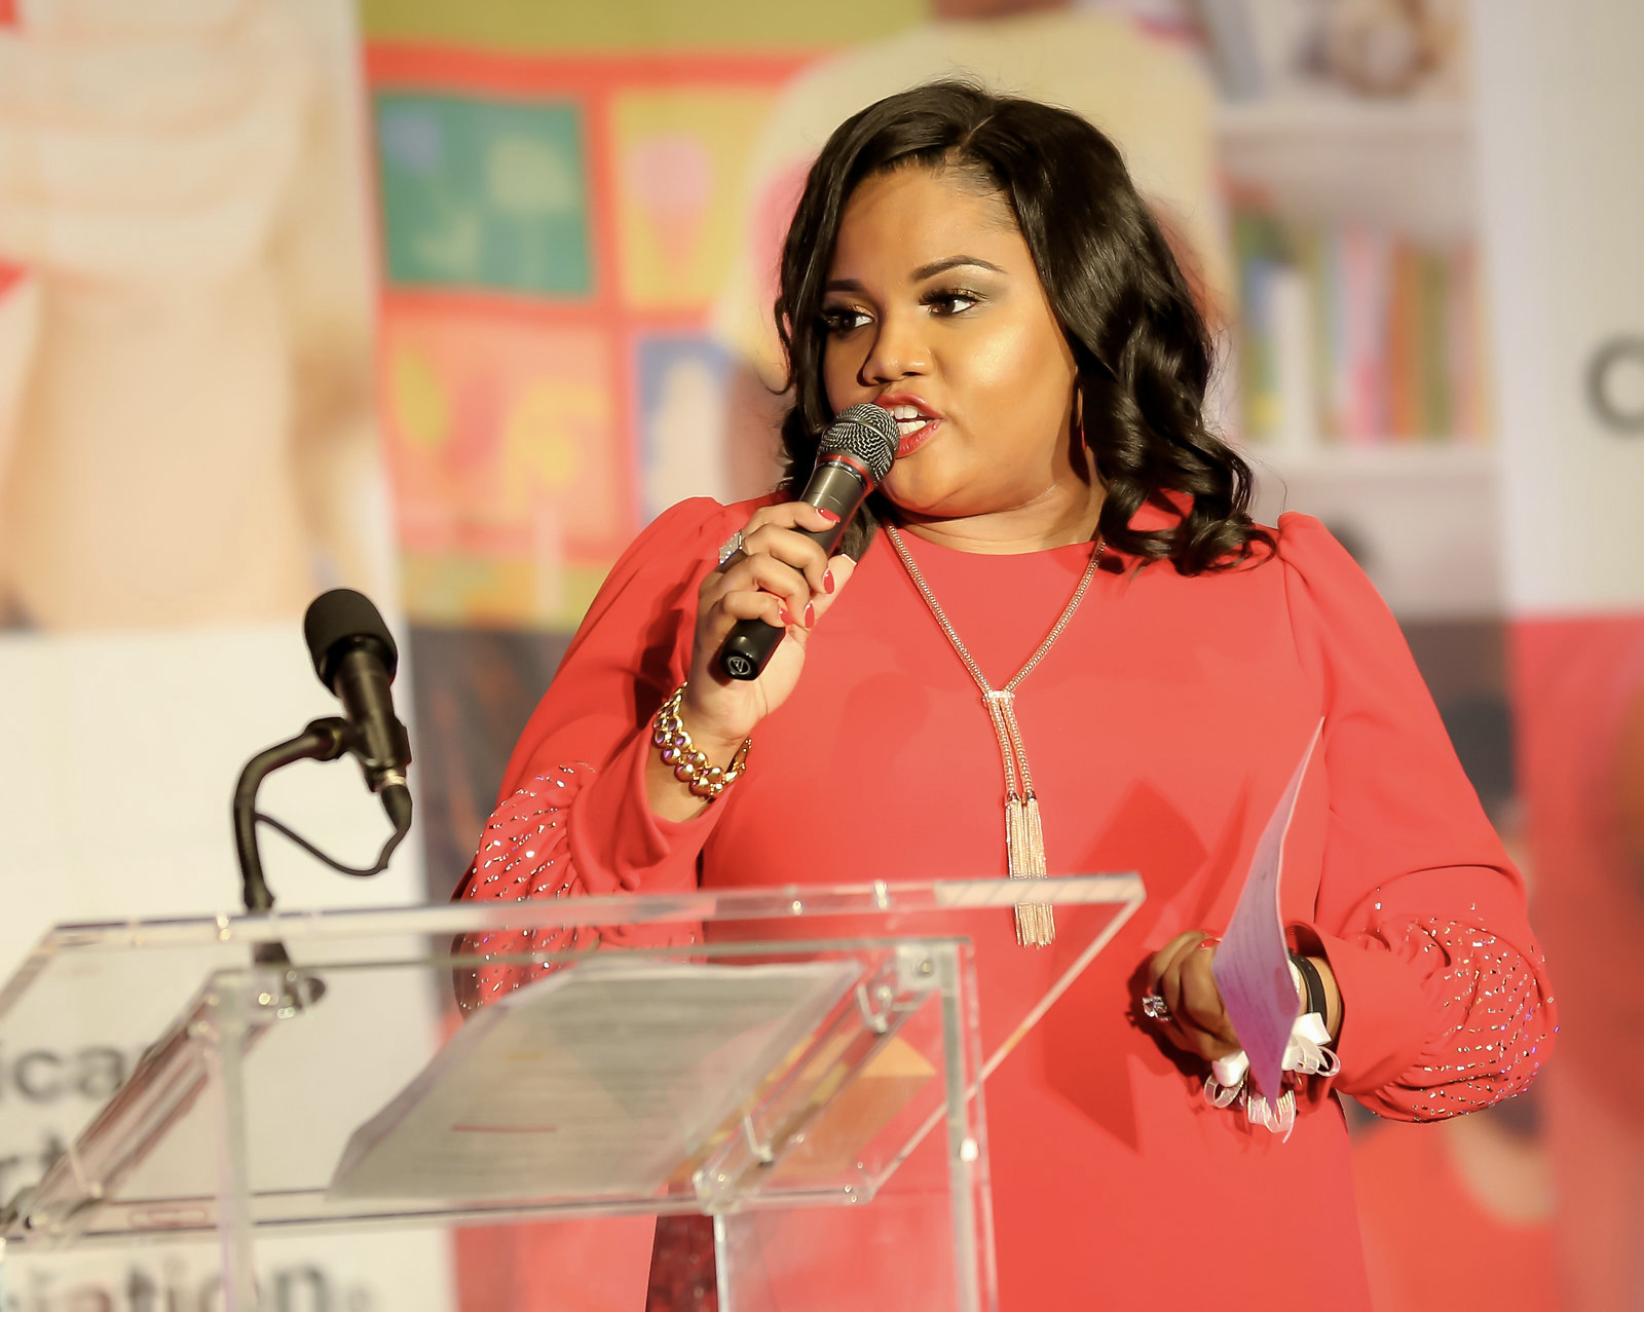 Speaking Motivational Keynote Speaker Amelia Mimi Brown